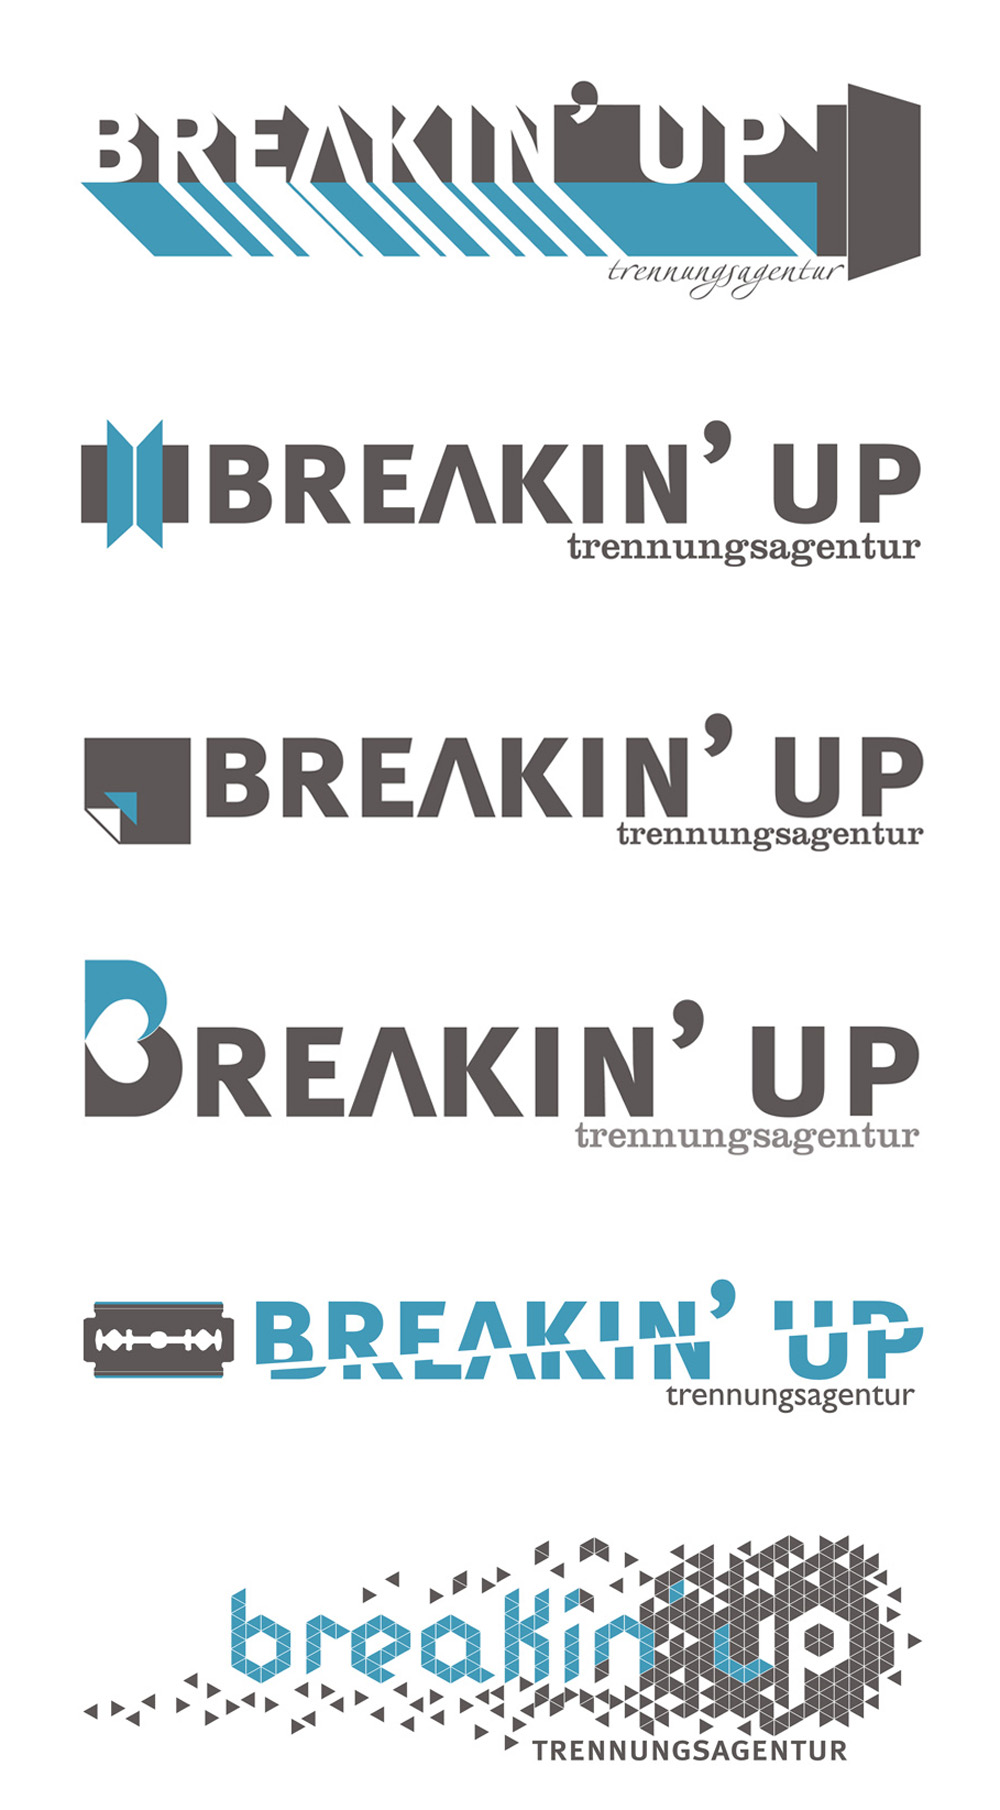 breakUP_06-02-12.indd